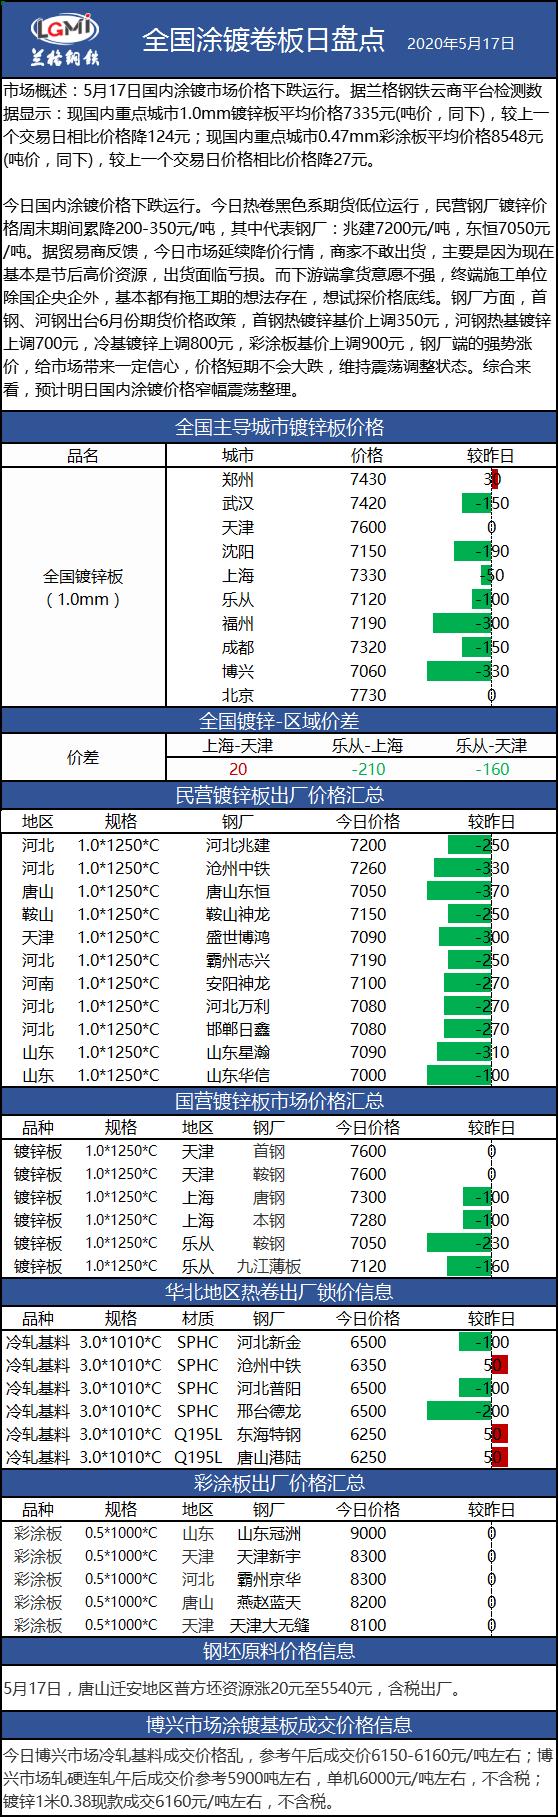 兰格涂镀板卷日盘点(5.17):涂镀价格下跌运行 市场成交清淡